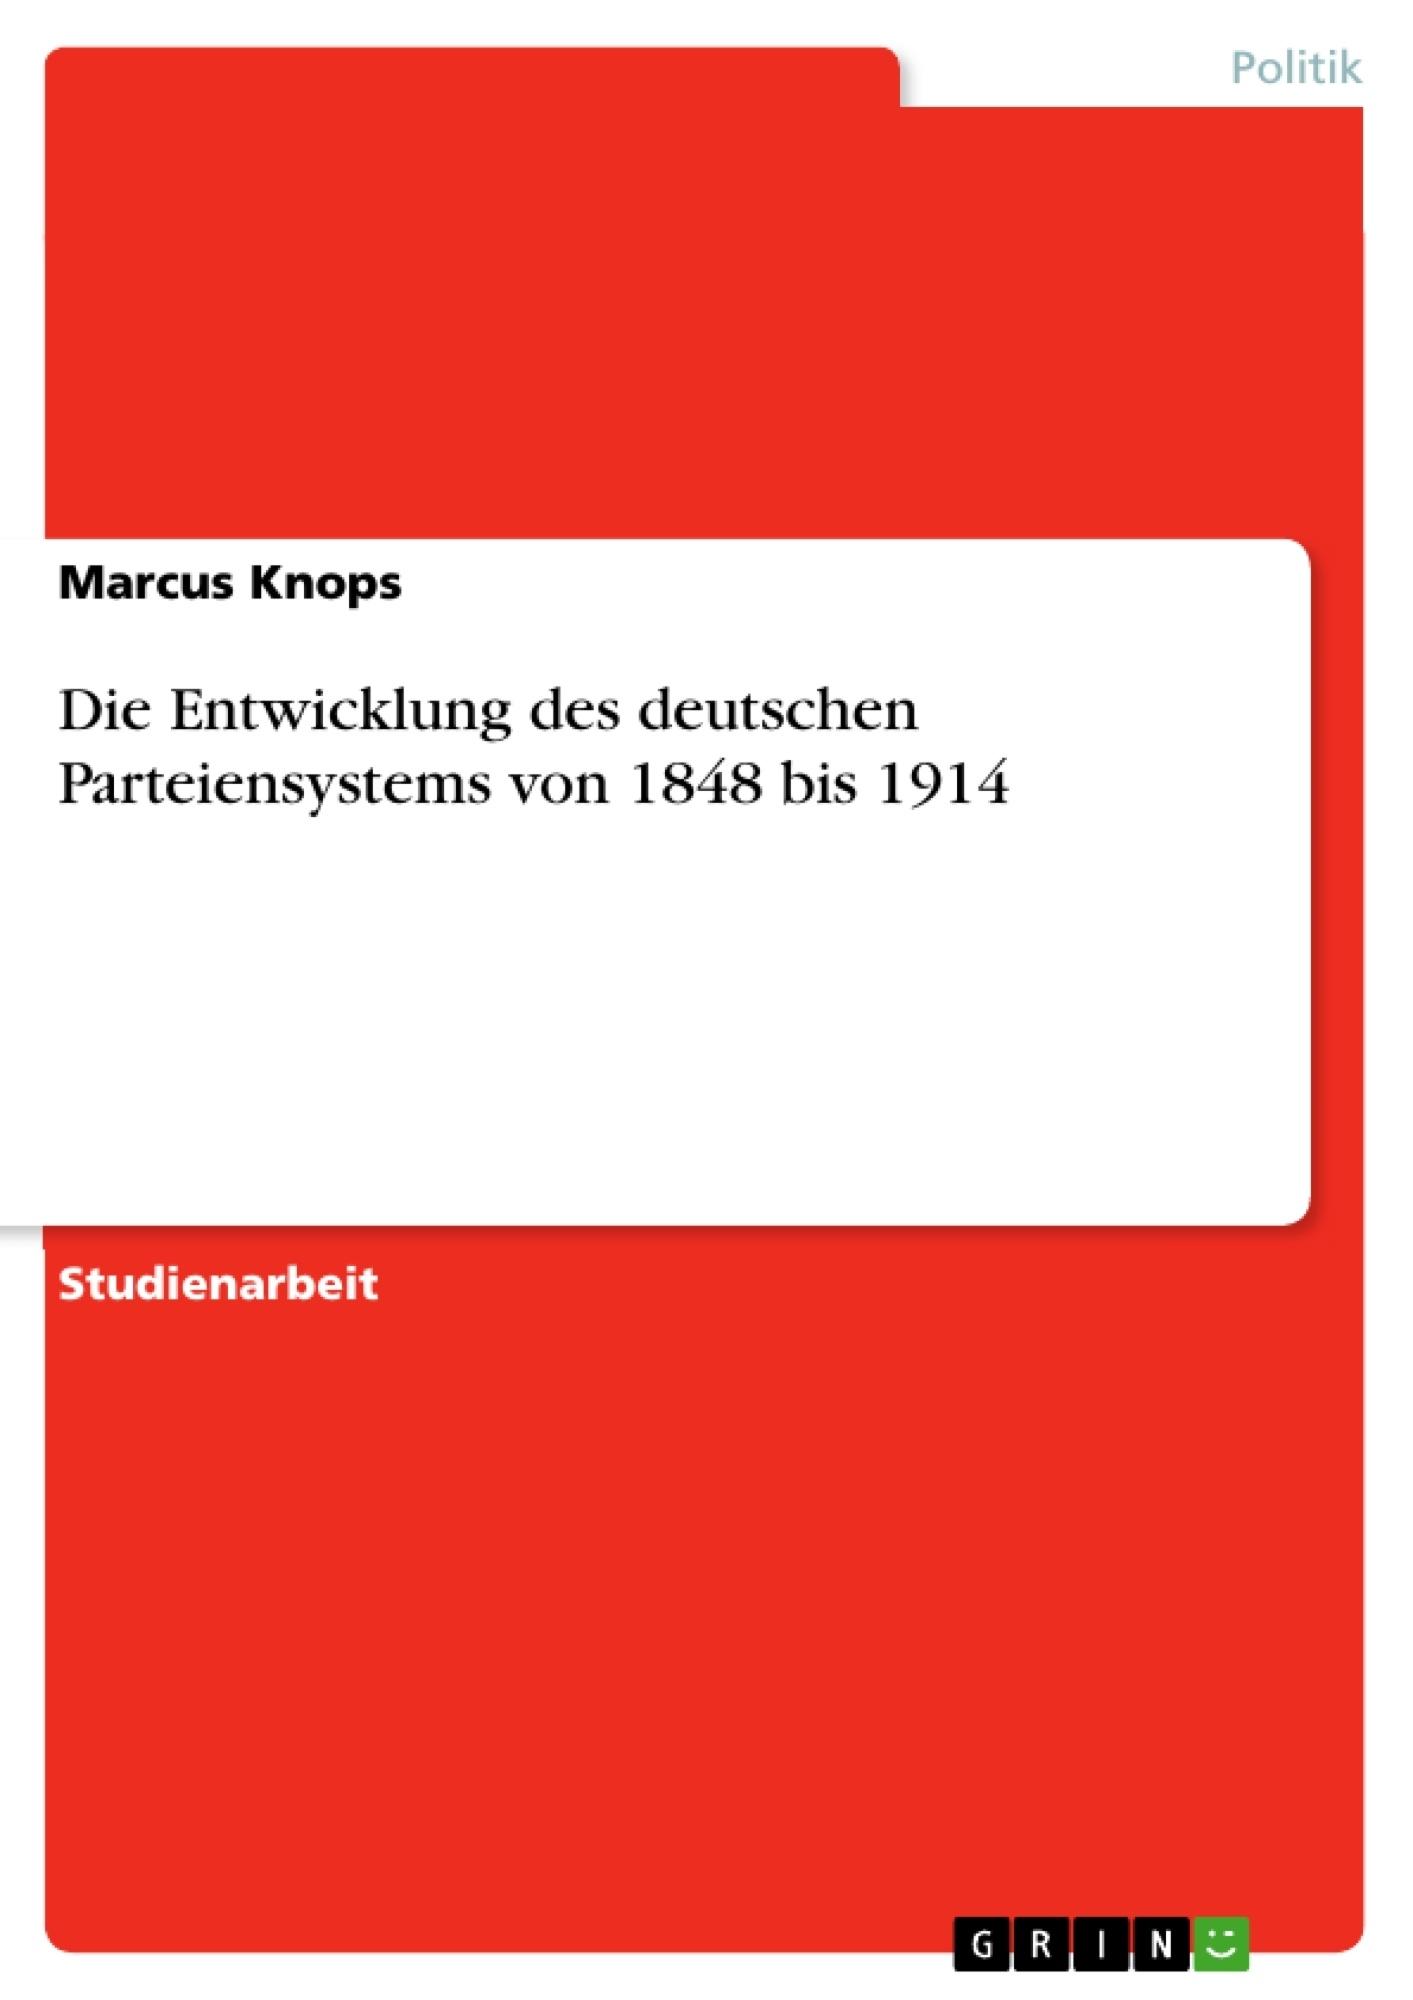 Titel: Die Entwicklung des deutschen Parteiensystems von 1848 bis 1914